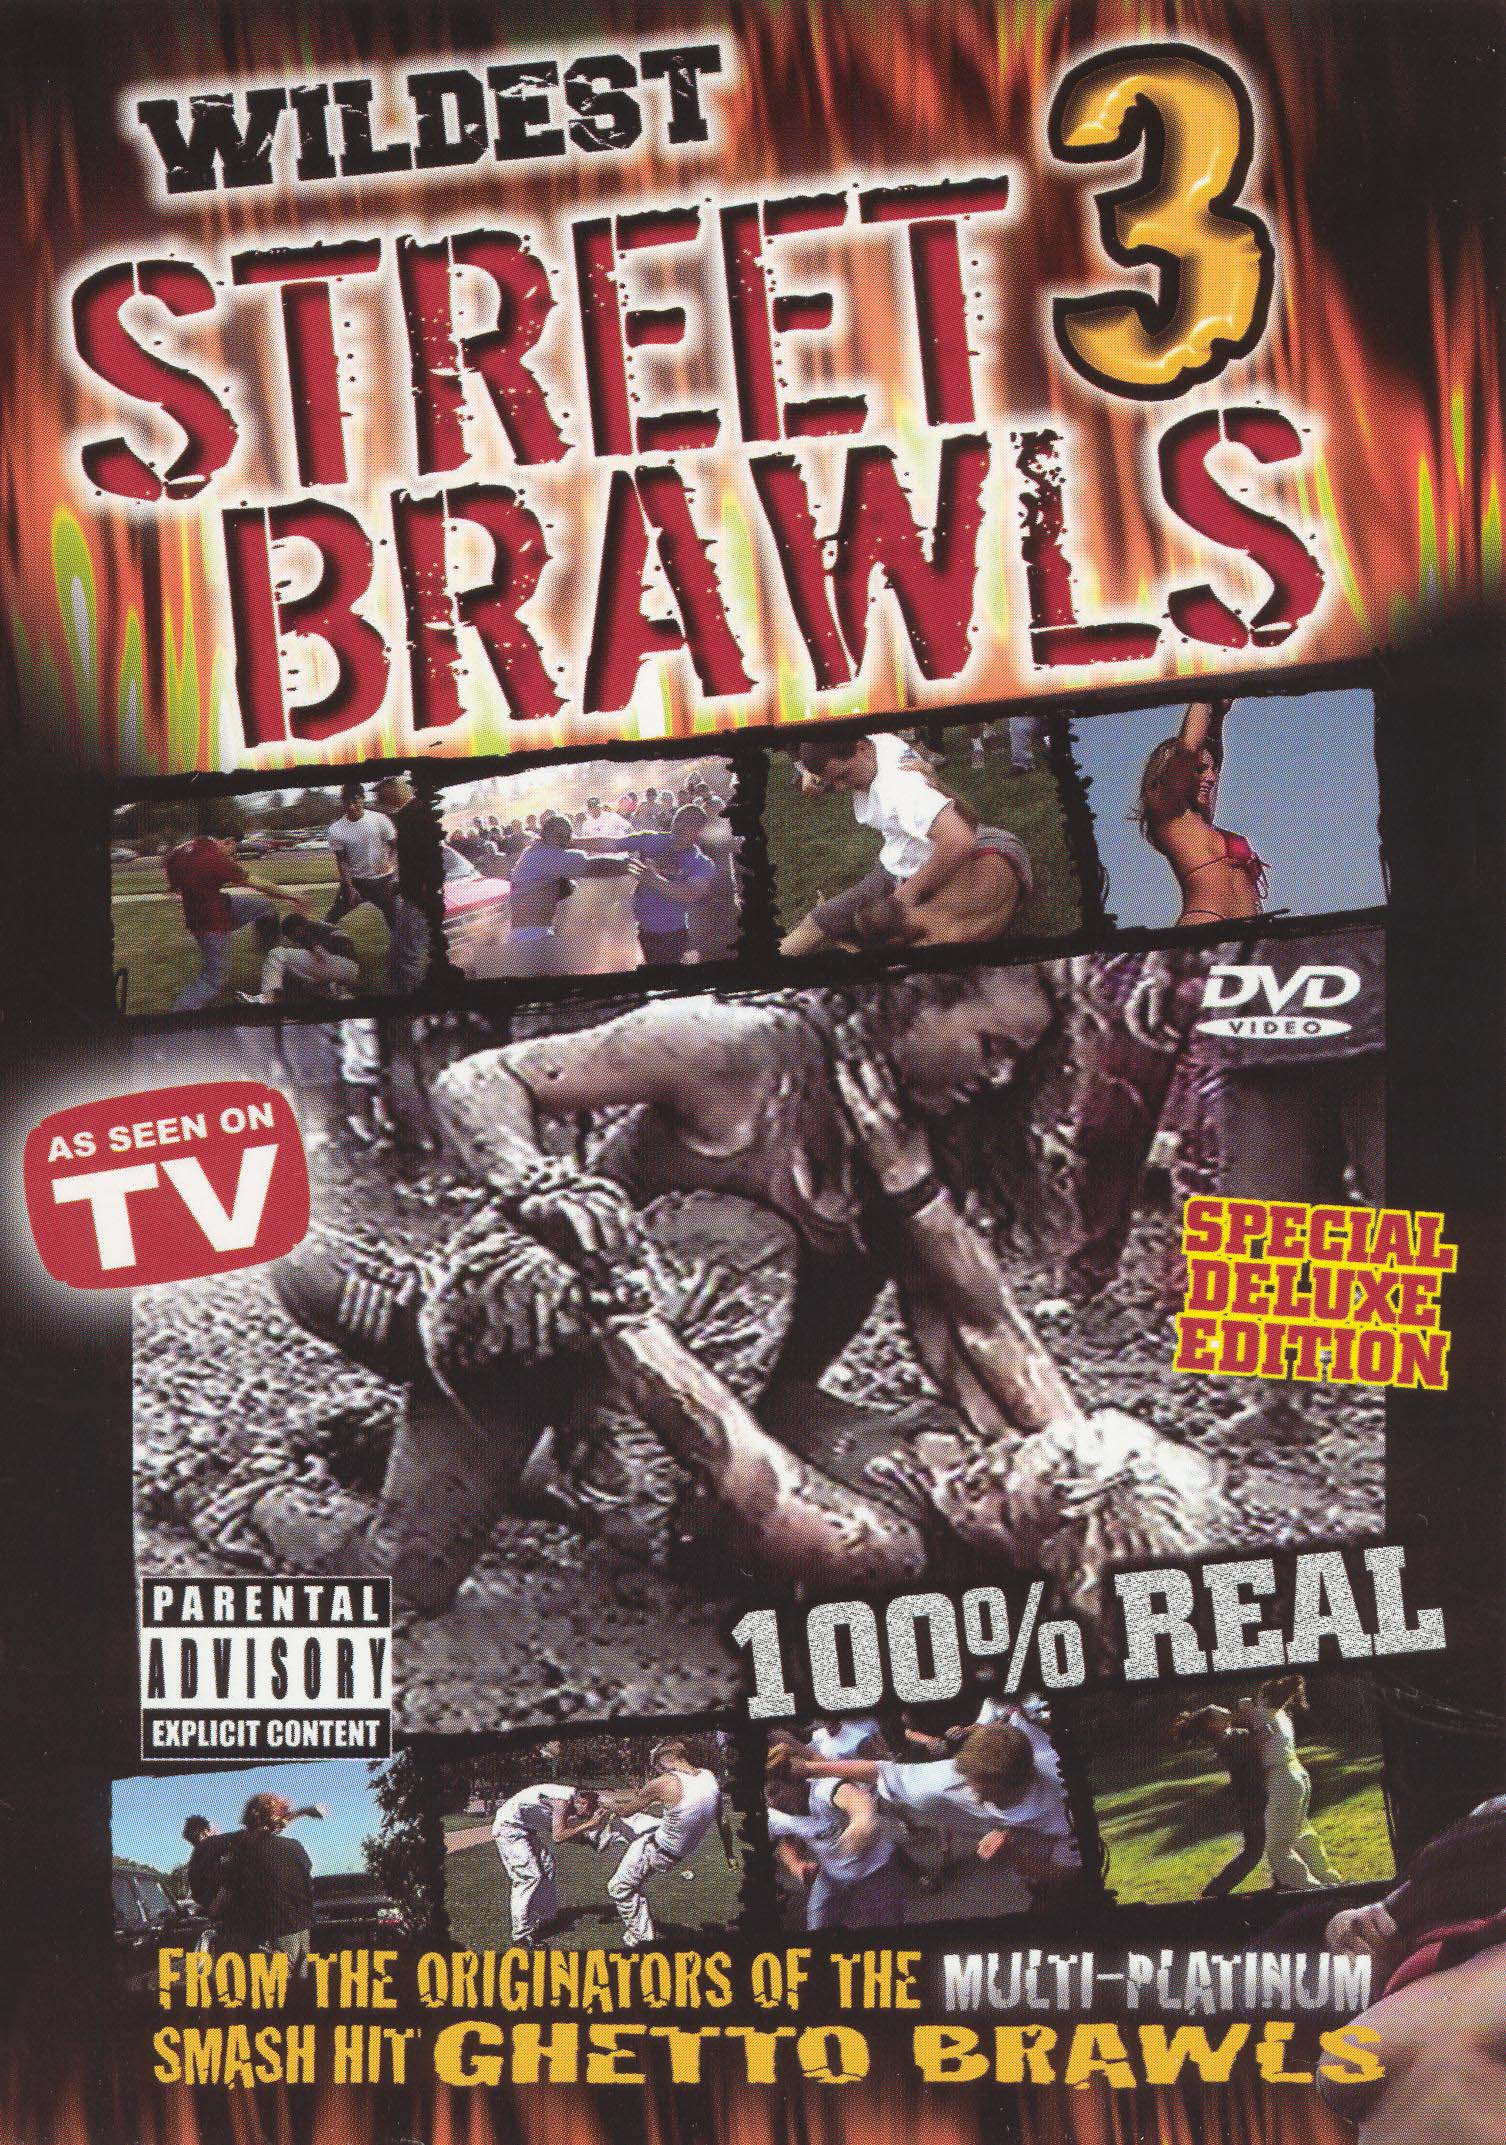 Wildest Street Brawls, Vol. 3